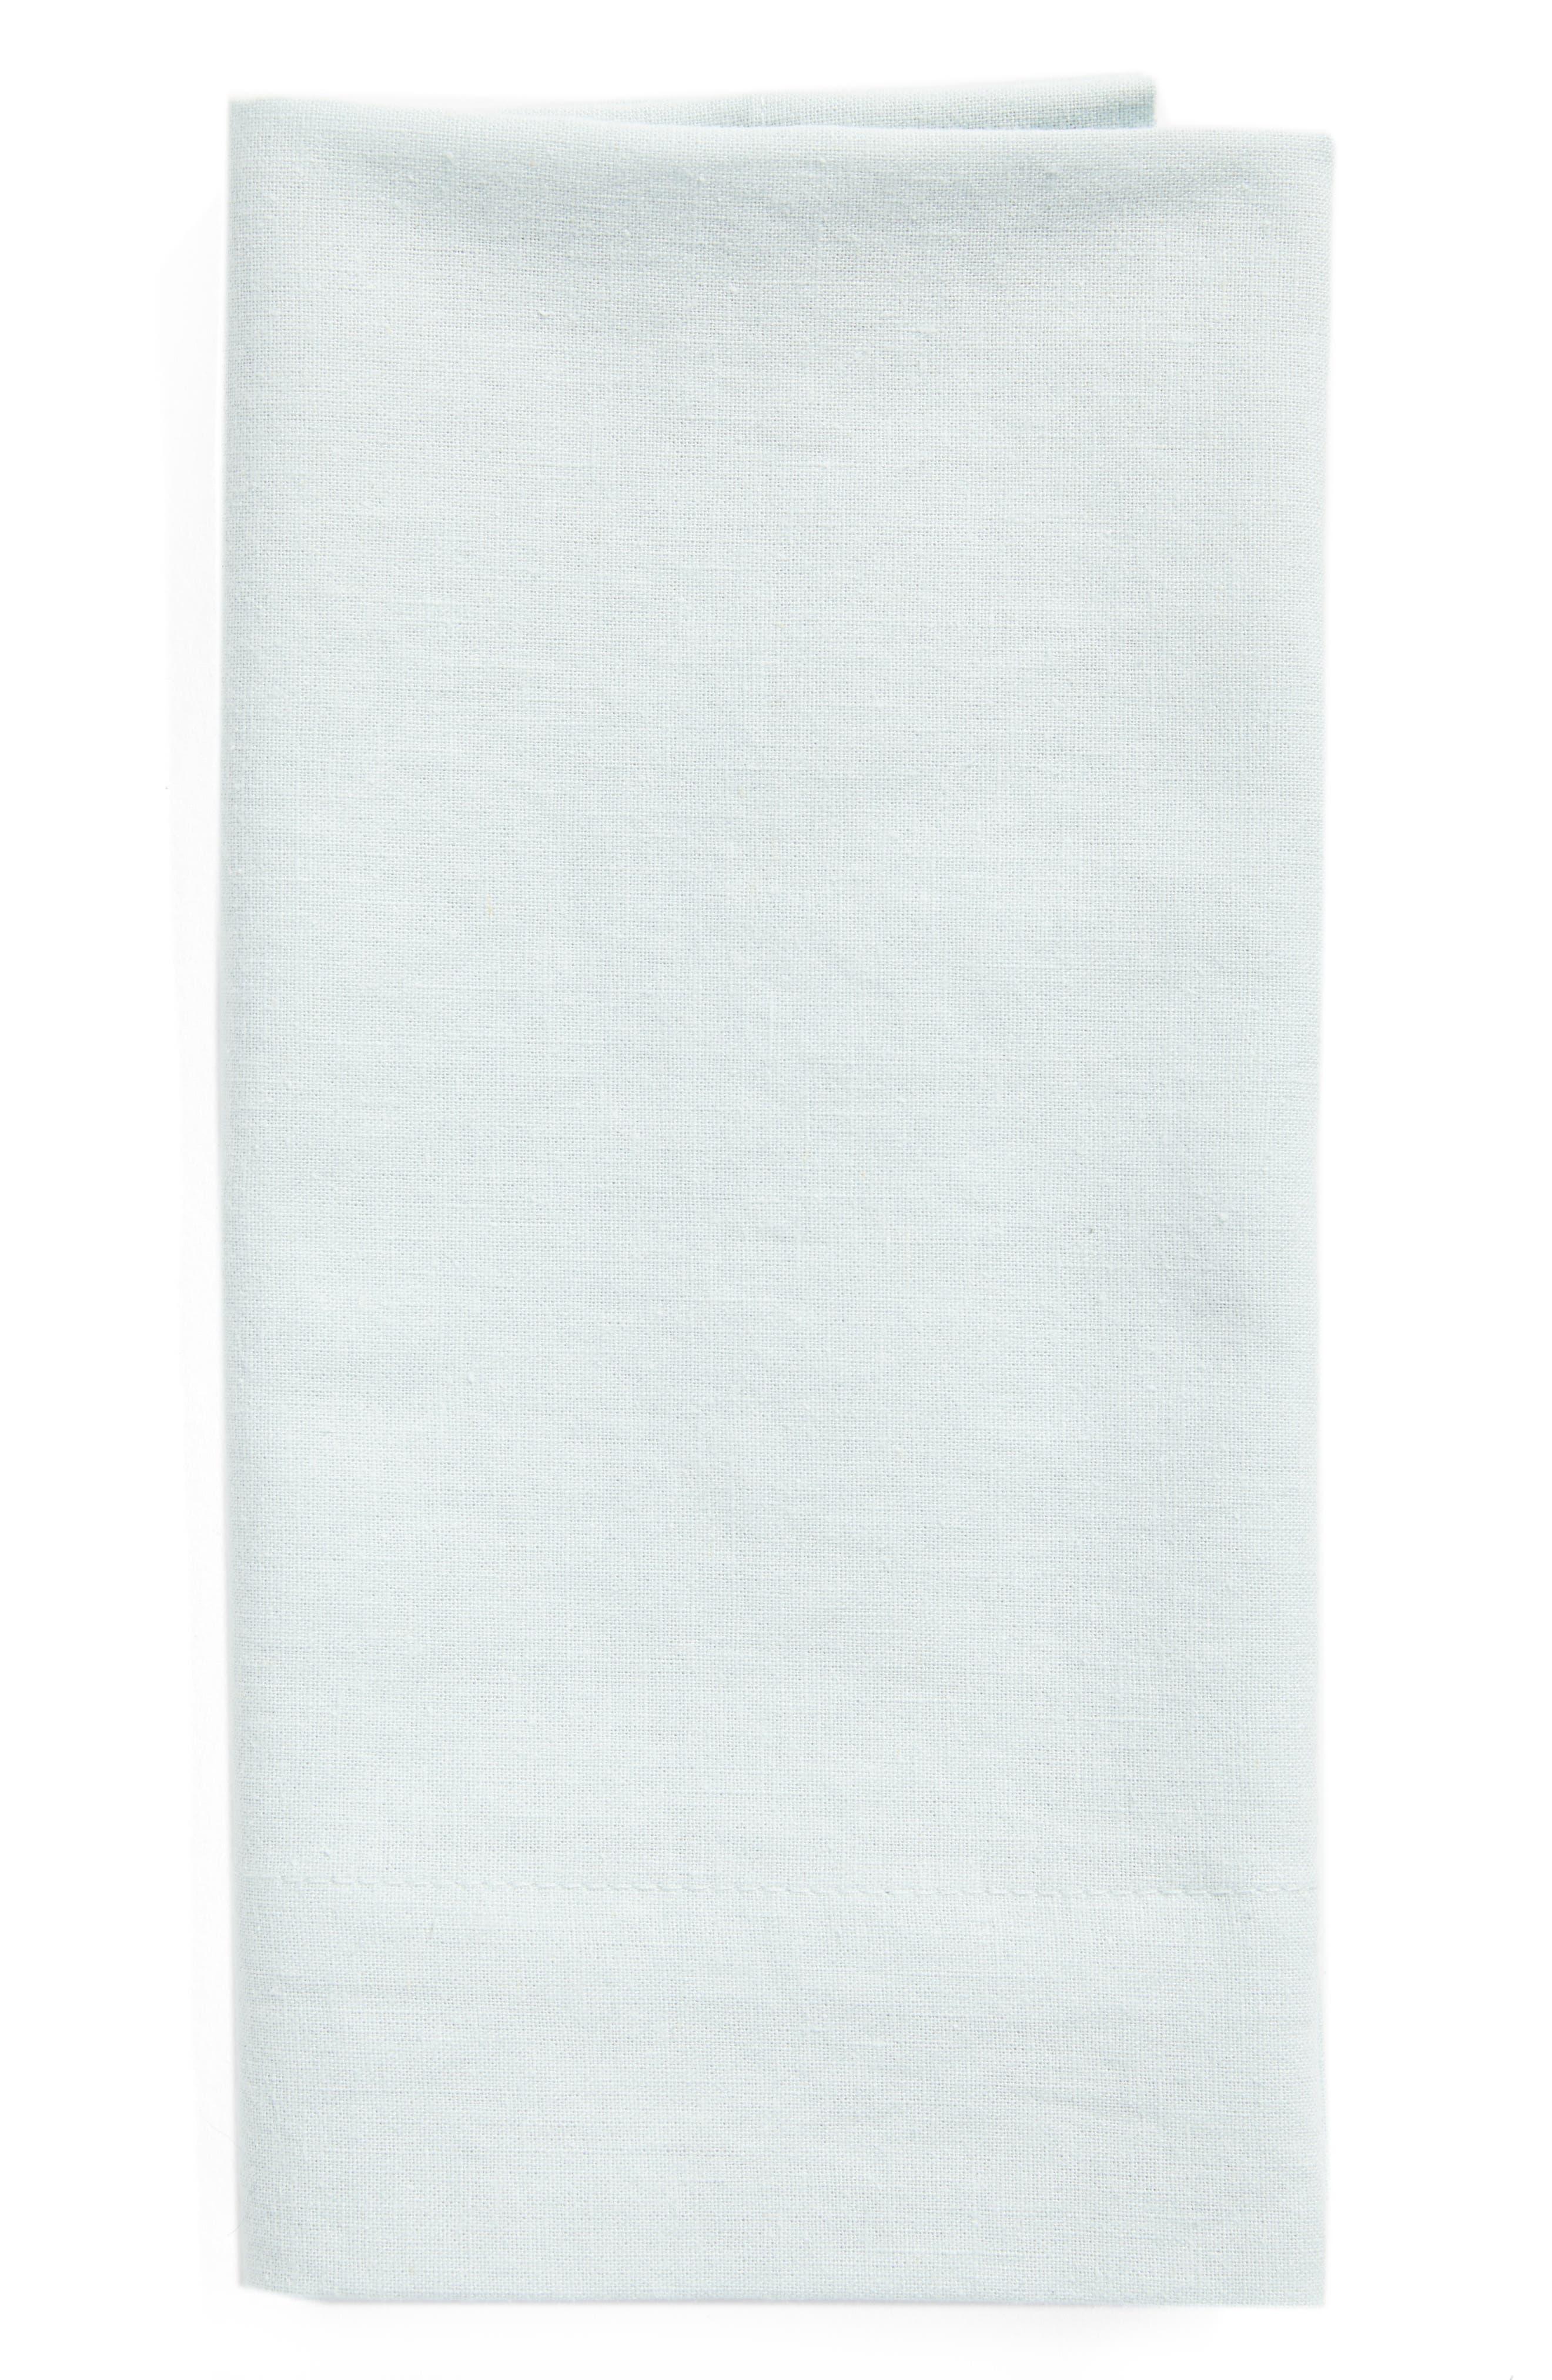 Levtex Washed Linen Napkin